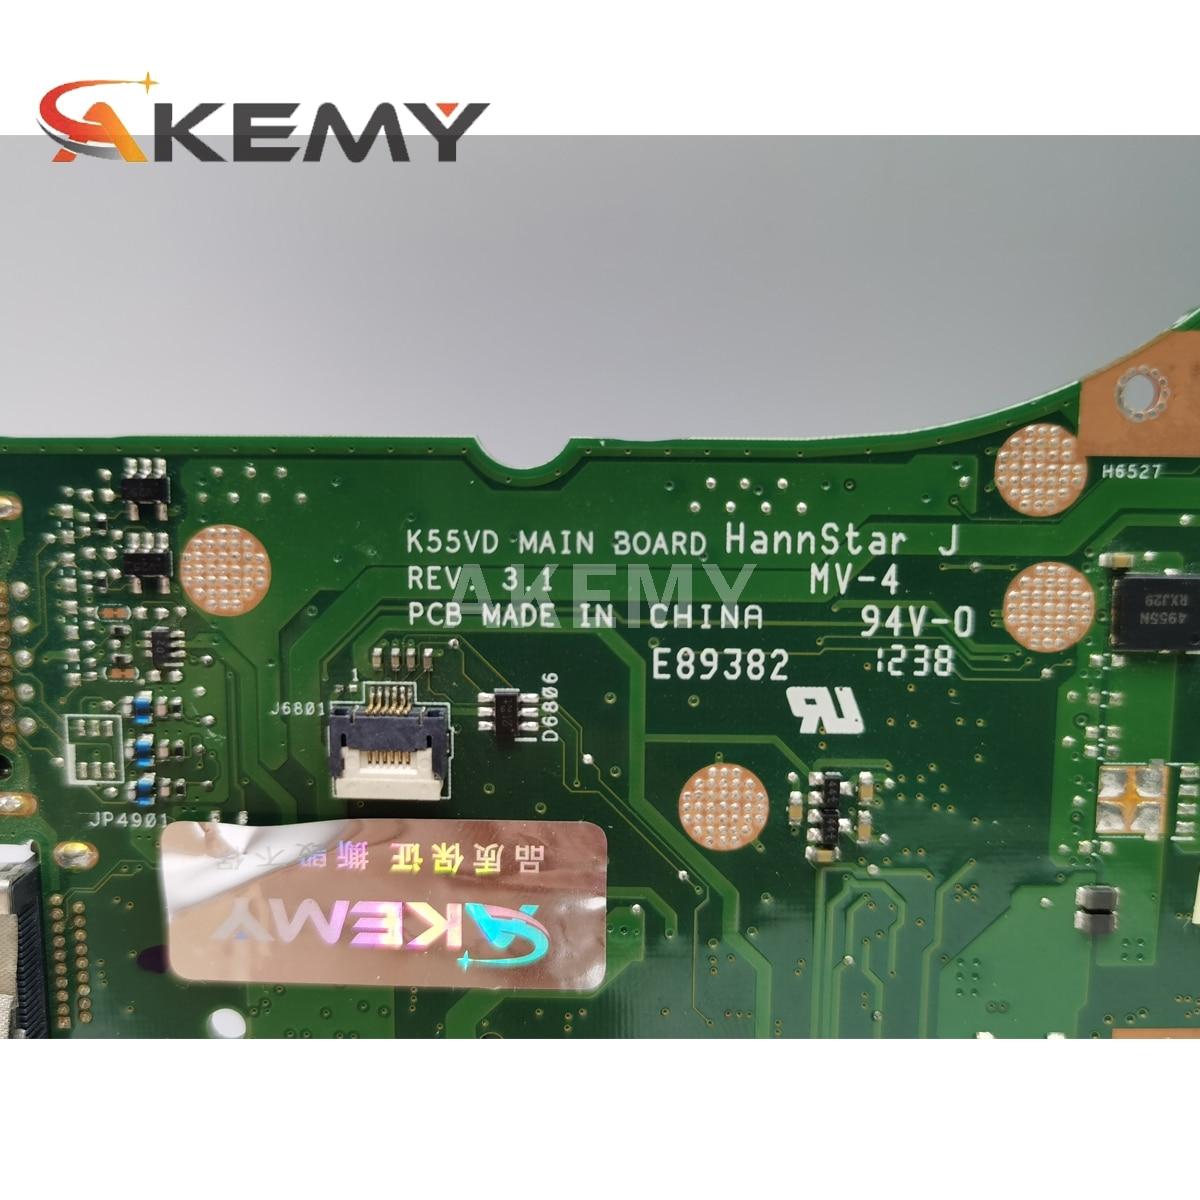 K55VD Motherboard Rev 3.1 GeForce 610M DDR3 For Asus K55VD A55VD F55VD Laptop motherboard K55VD Mainboard K55VD Motherboard